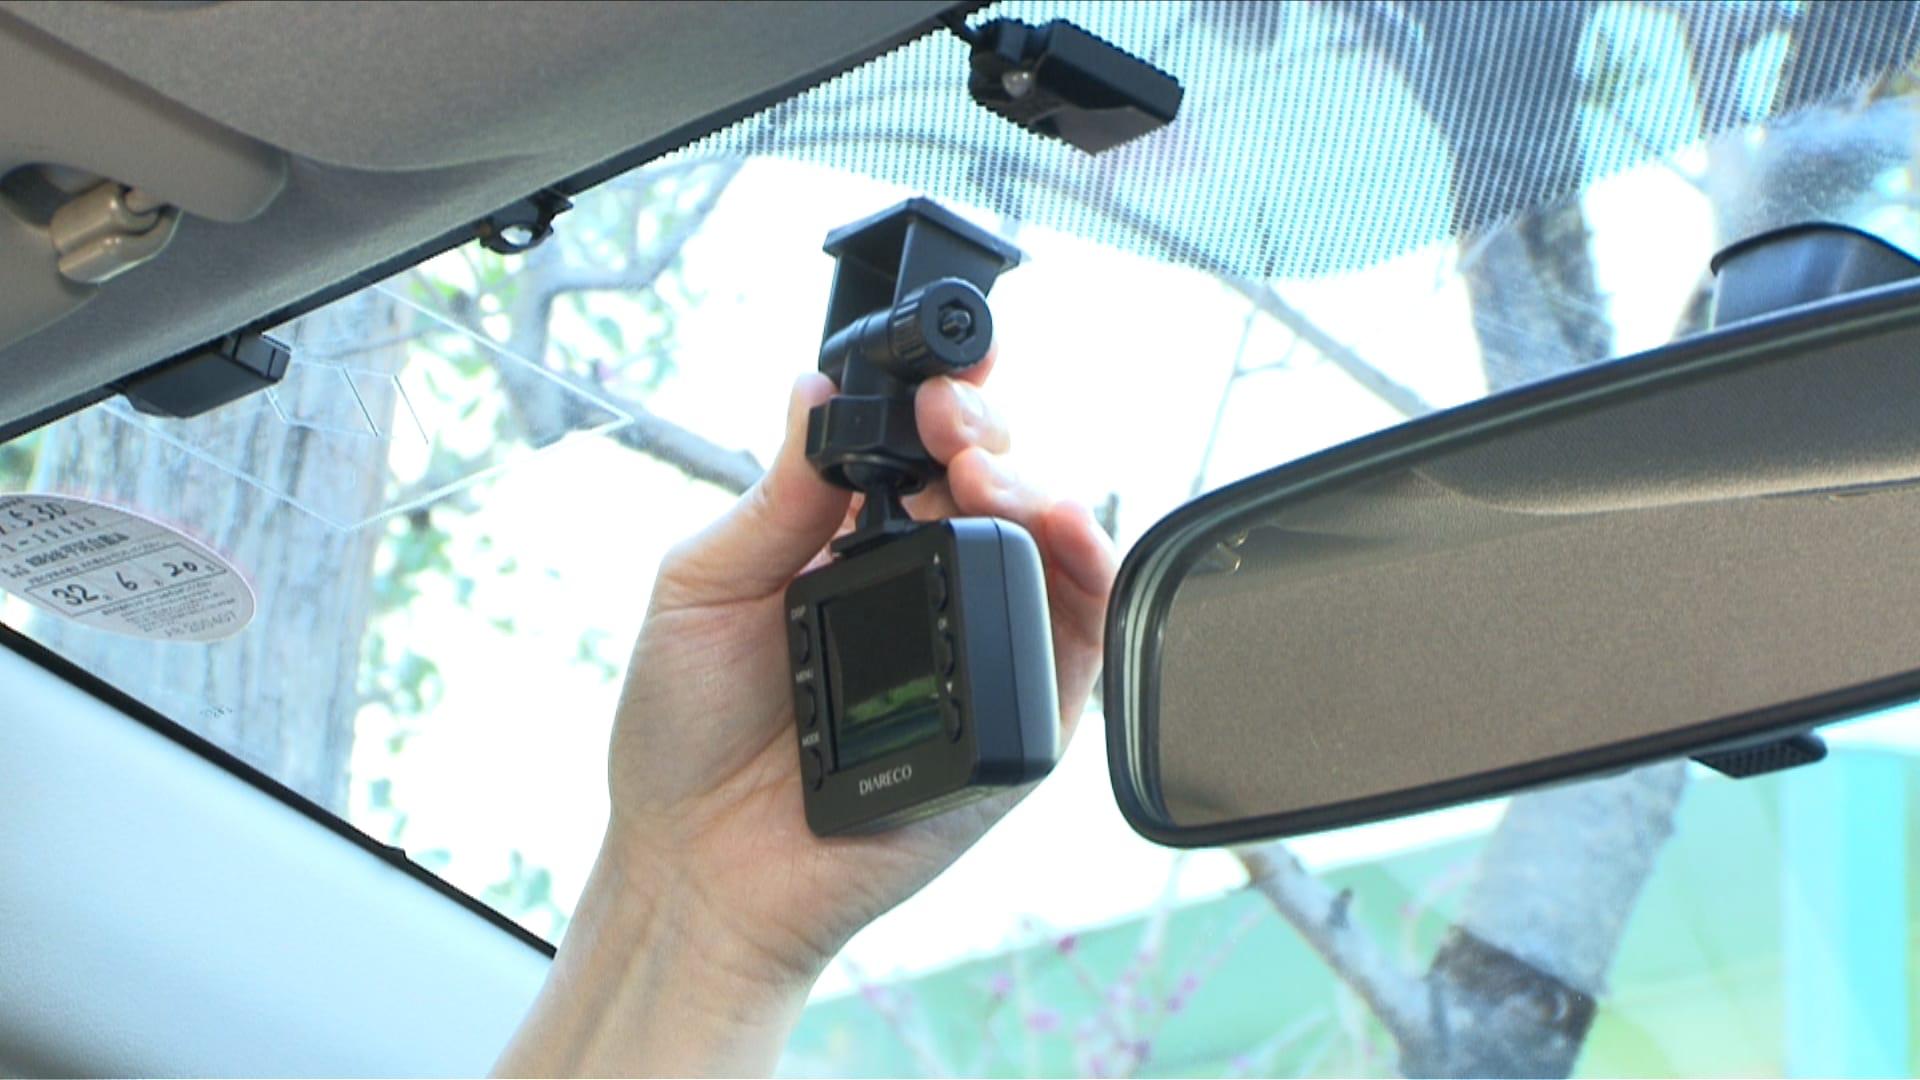 後方カメラ付き 高画質ドライブレコーダー 前方カメラはフロントガラスの上部20%範囲内に取り付けてください。(※取扱説明書にしたがって正しく取り付けてください)